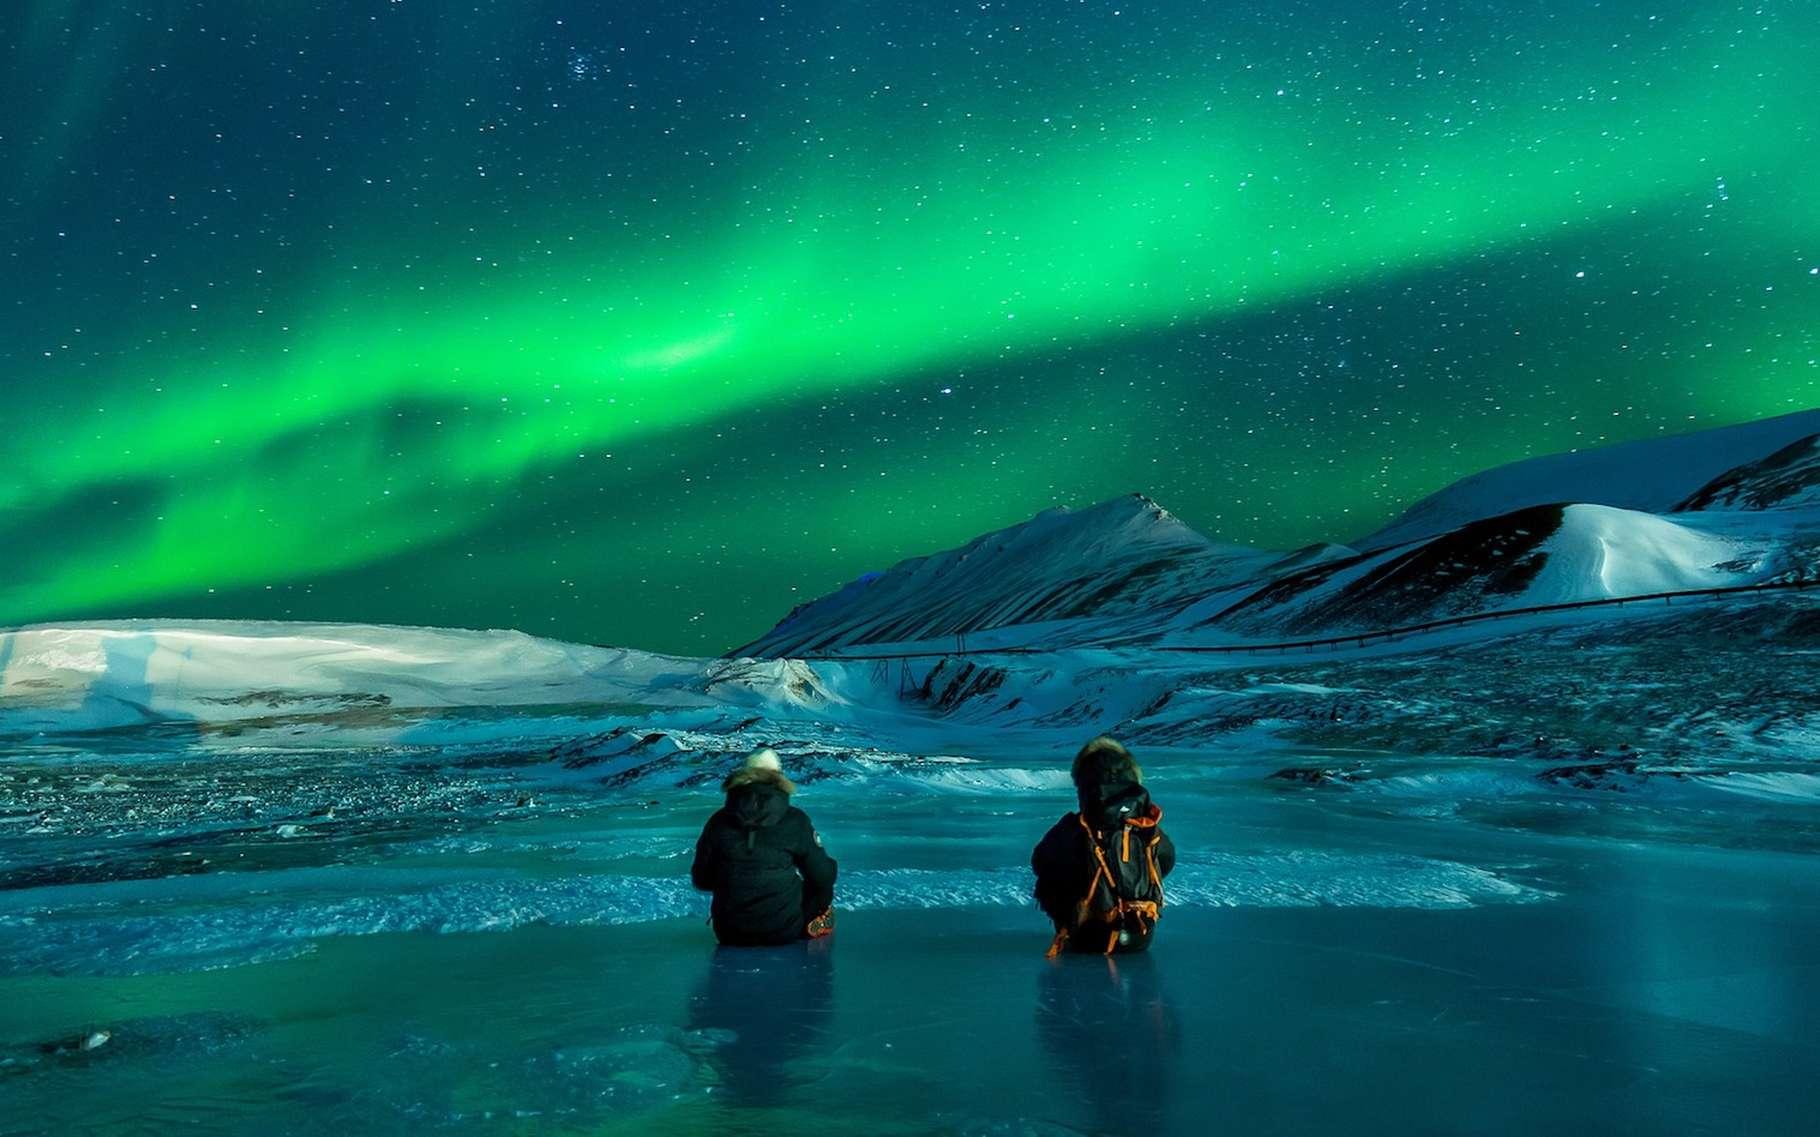 Pour se donner les meilleures chances d'observer des aurores boréales, mieux vaut se déplacer au-delà du cercle polaire. © Noel_Bauza, Pixabay, CC0 Creative Commons